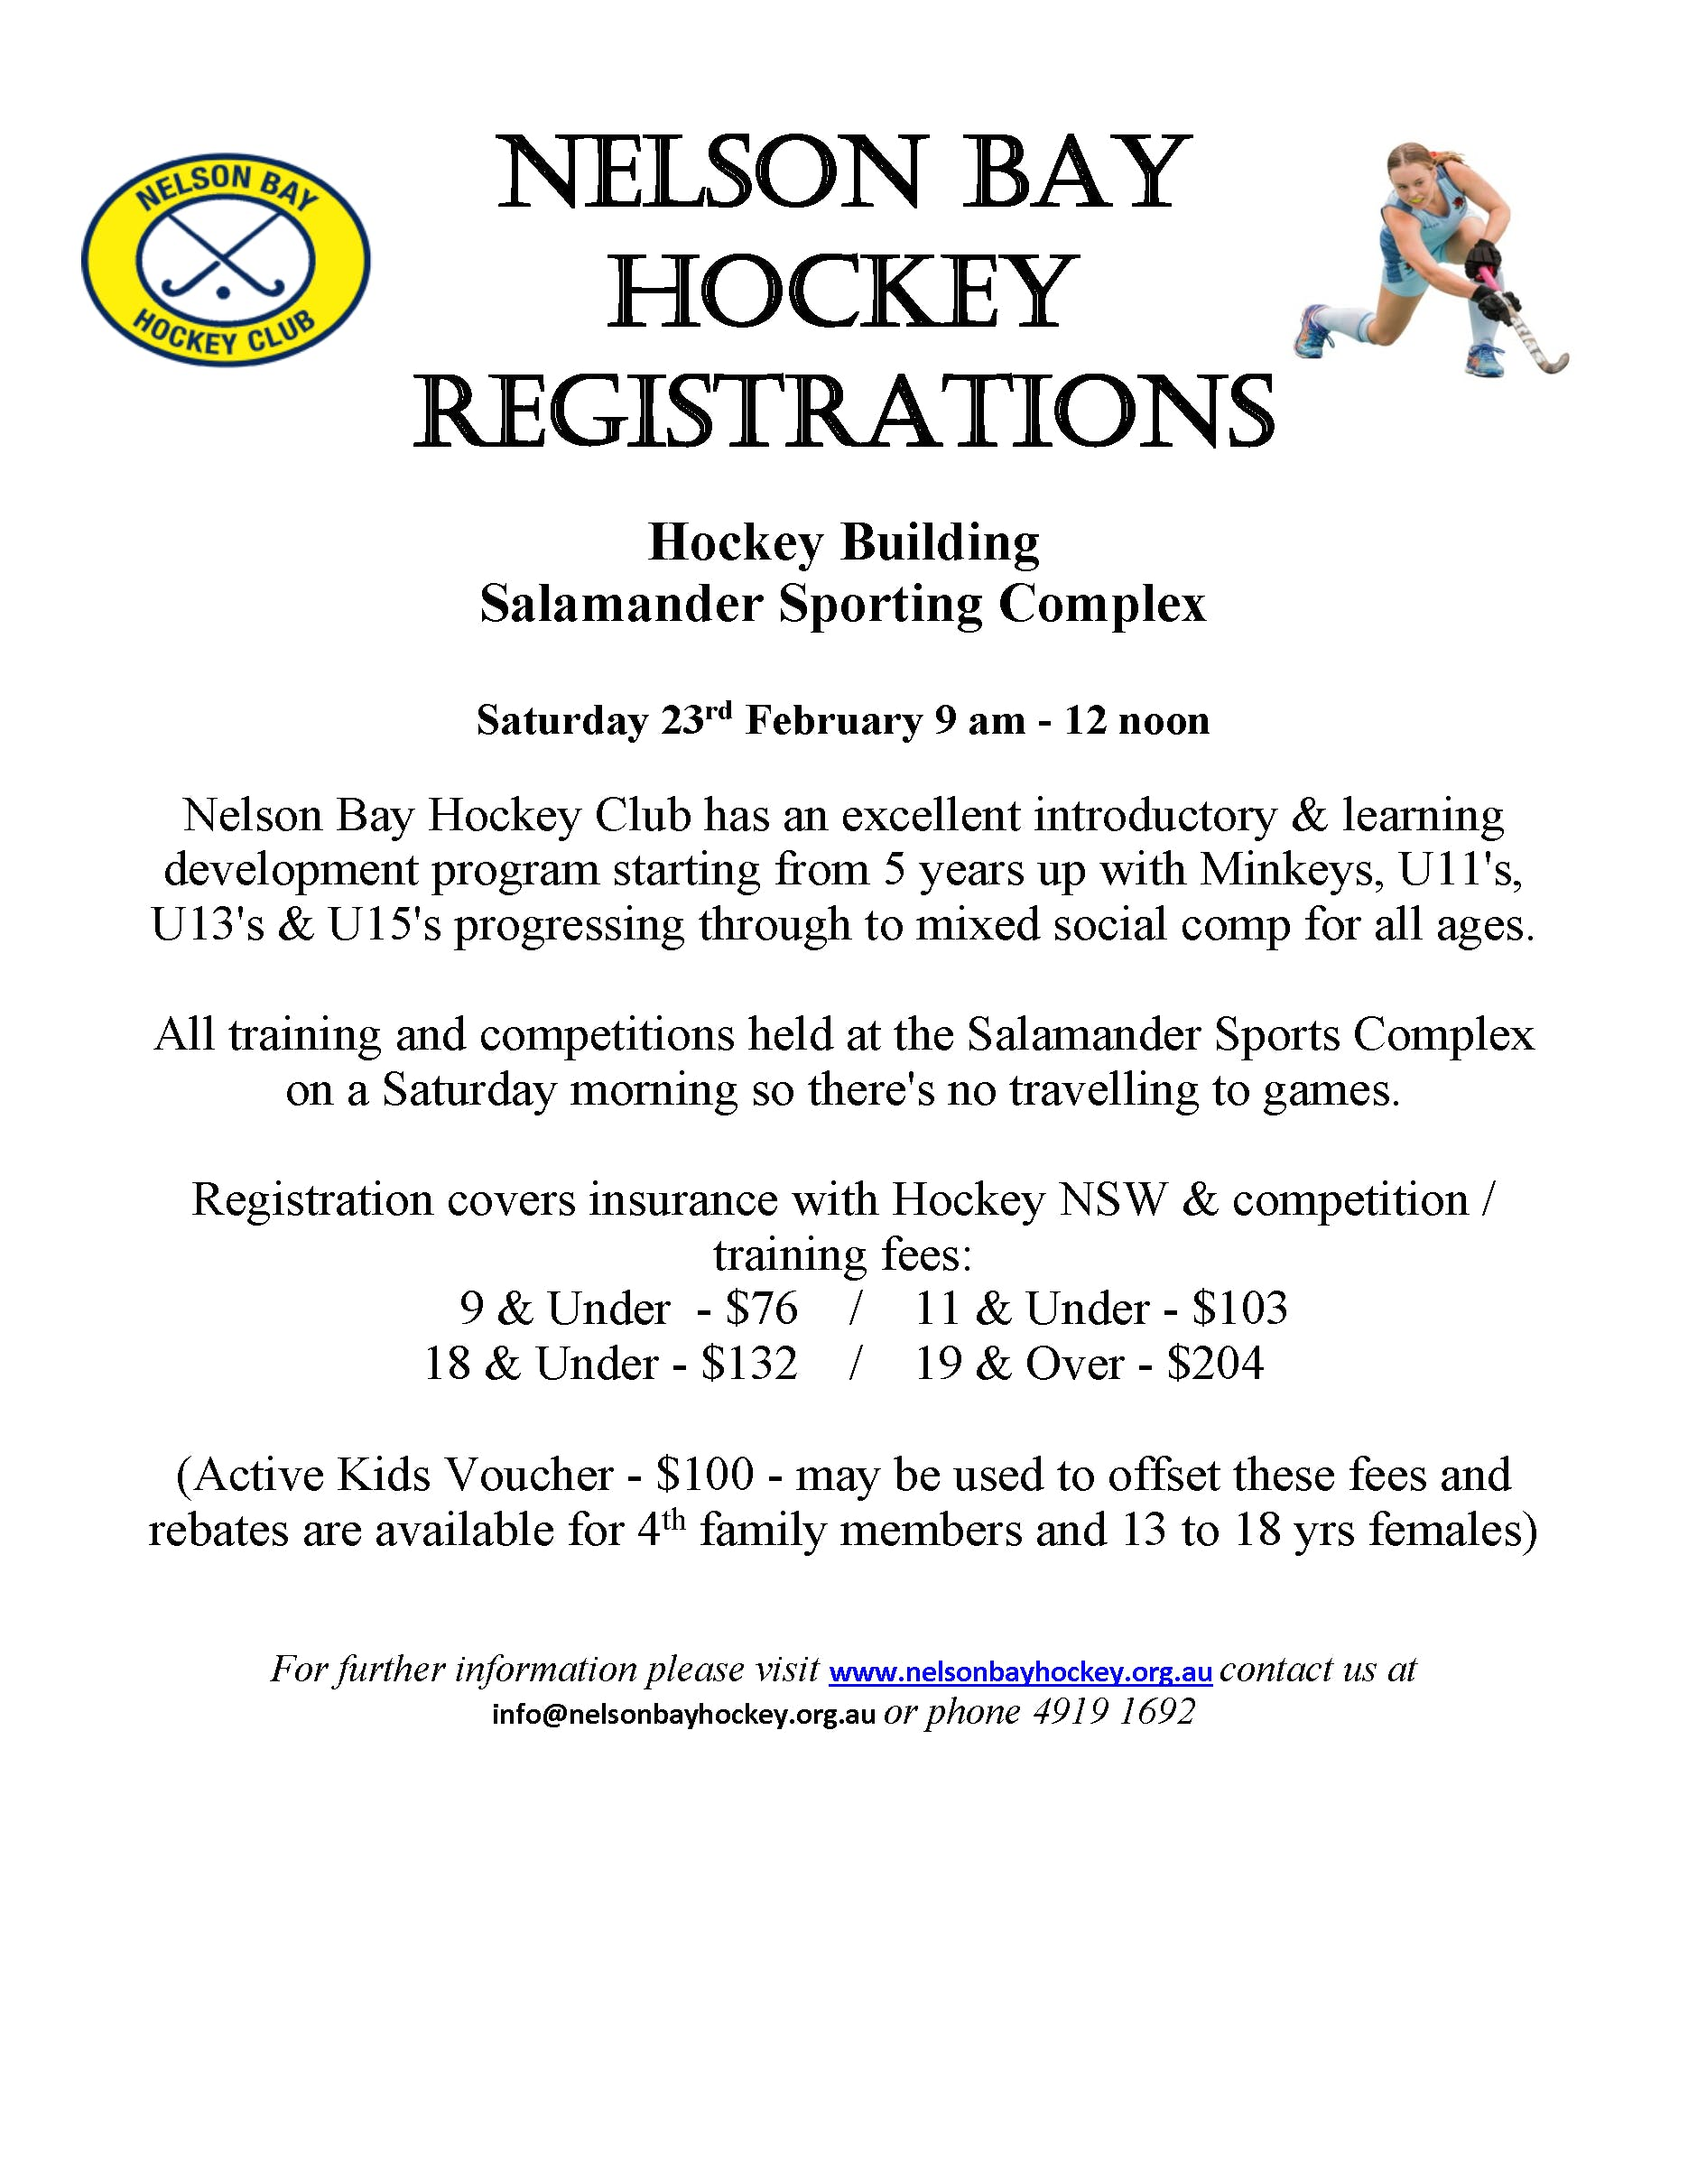 Nelson Bay Hockey Rego Flyer 2019